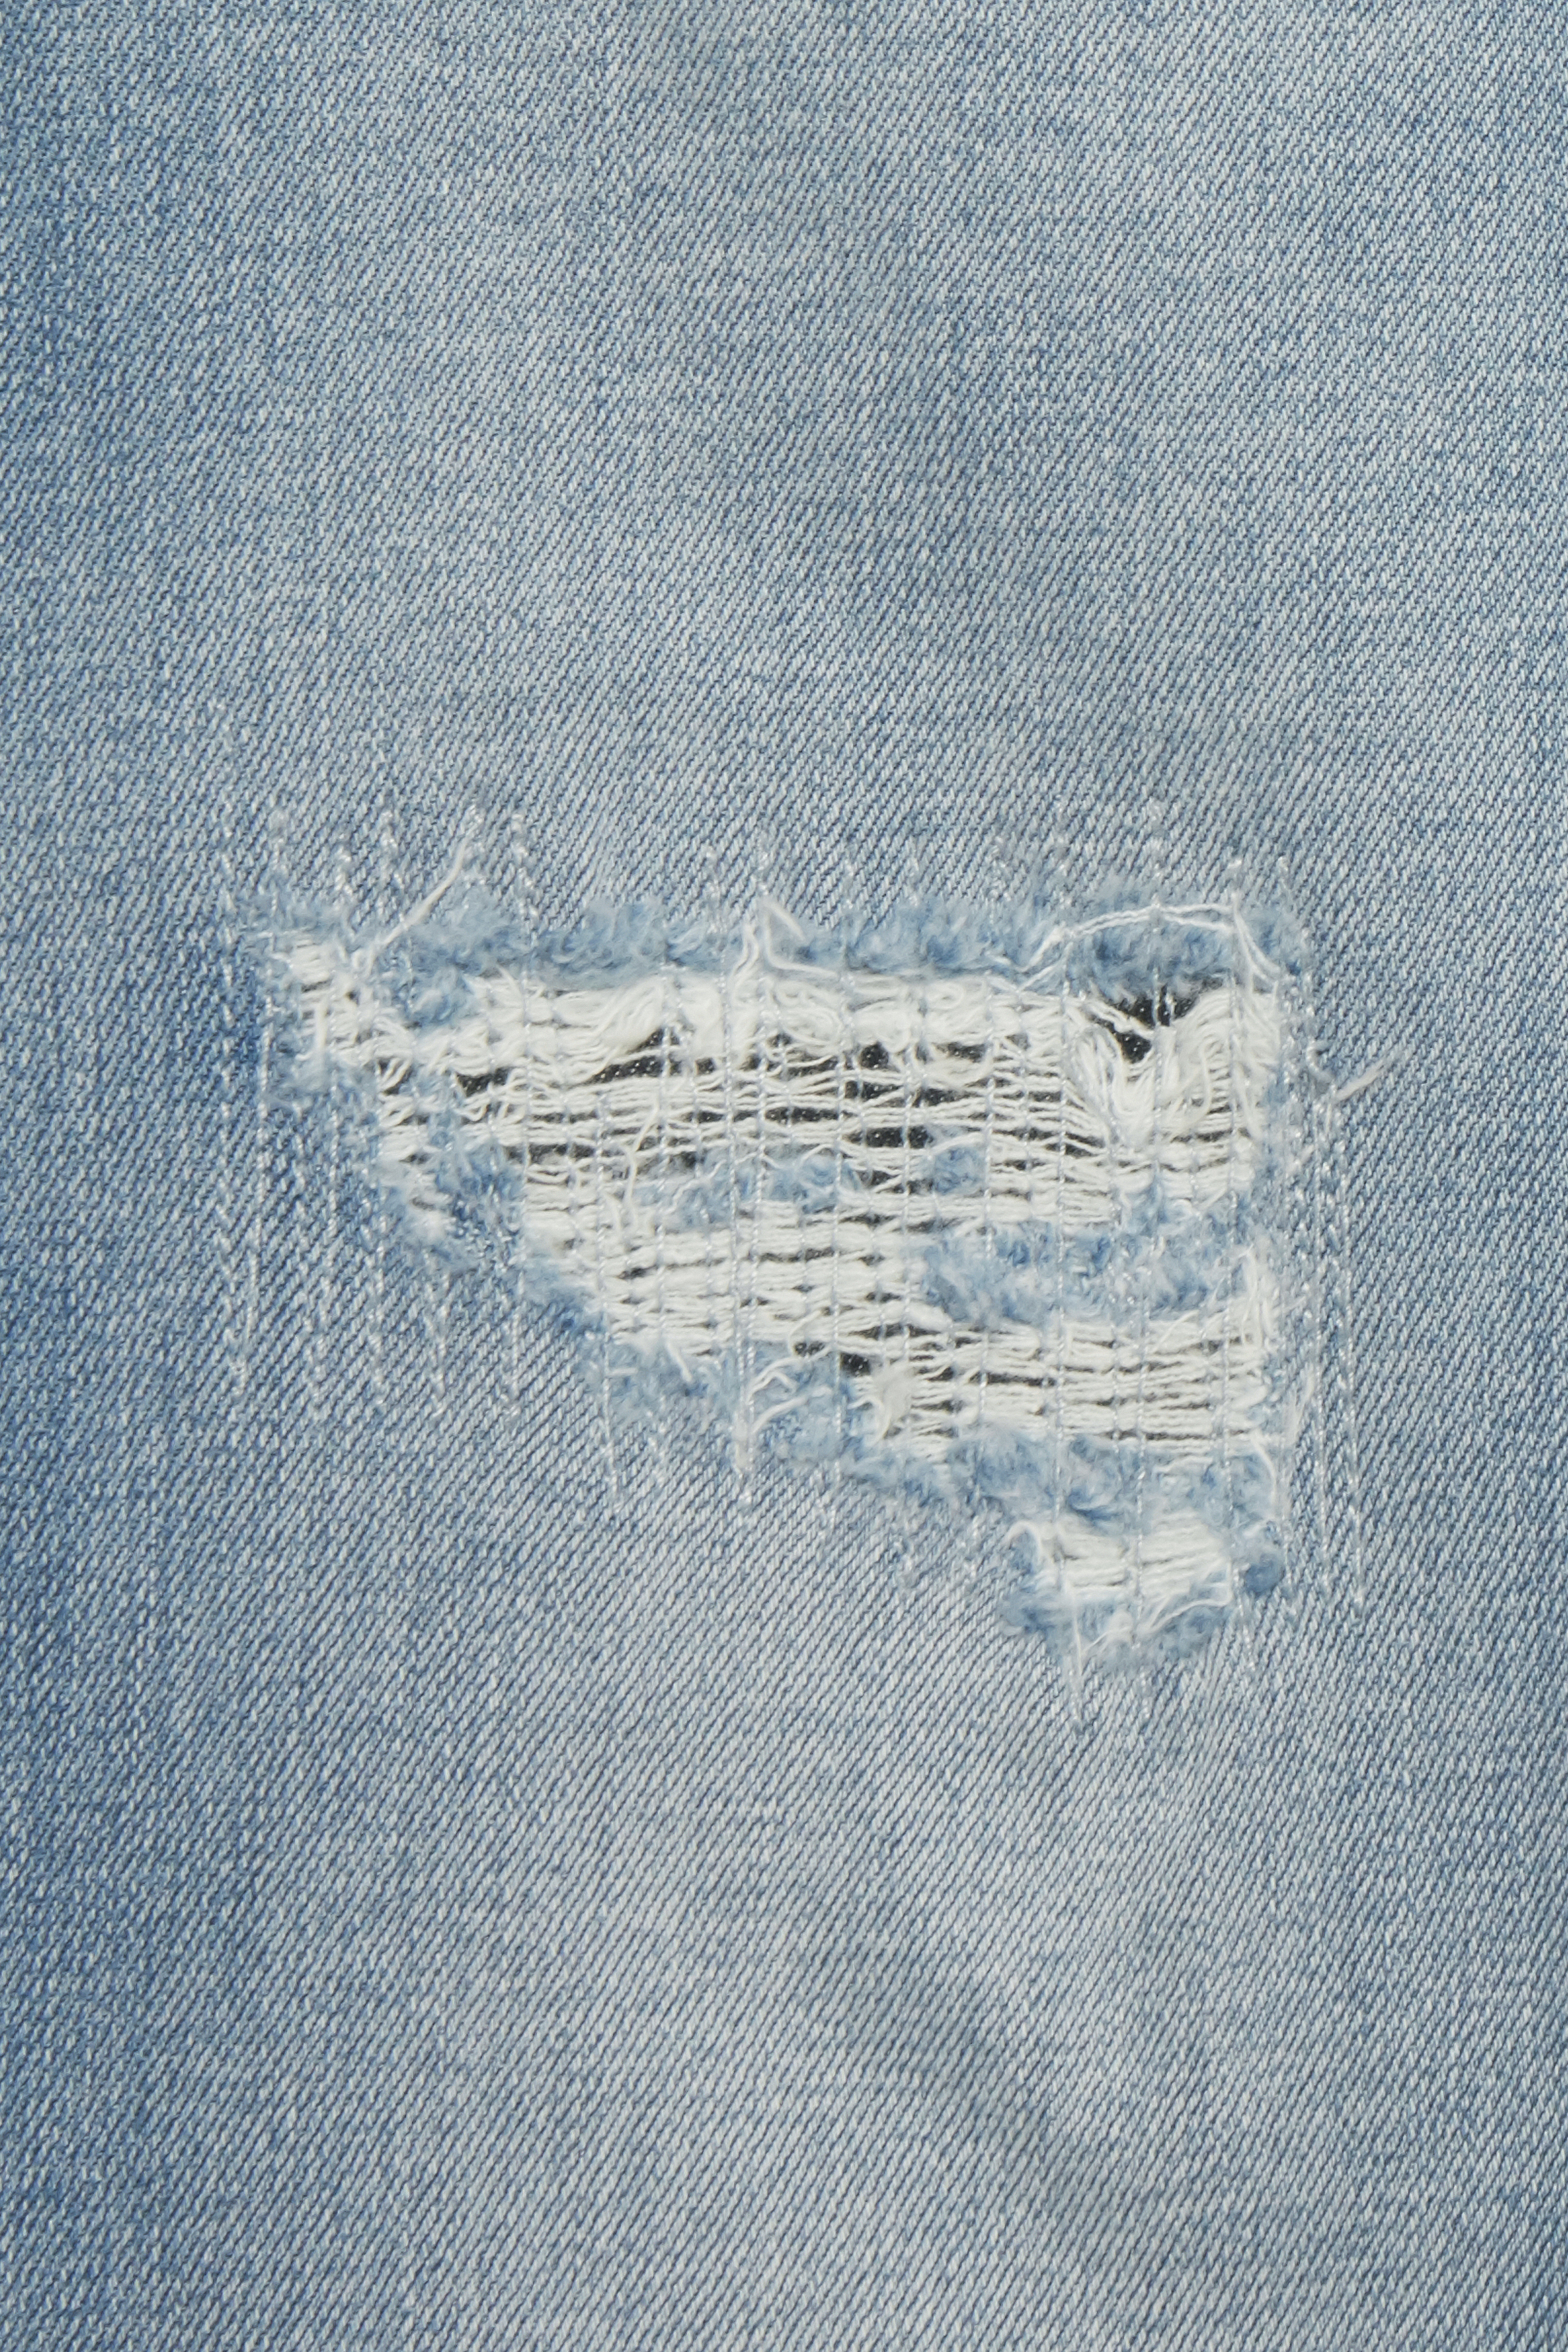 Hell denimblau Denim-Knöchelhose von b.young – Shoppen SieHell denimblau Denim-Knöchelhose ab Gr. 25-36 hier